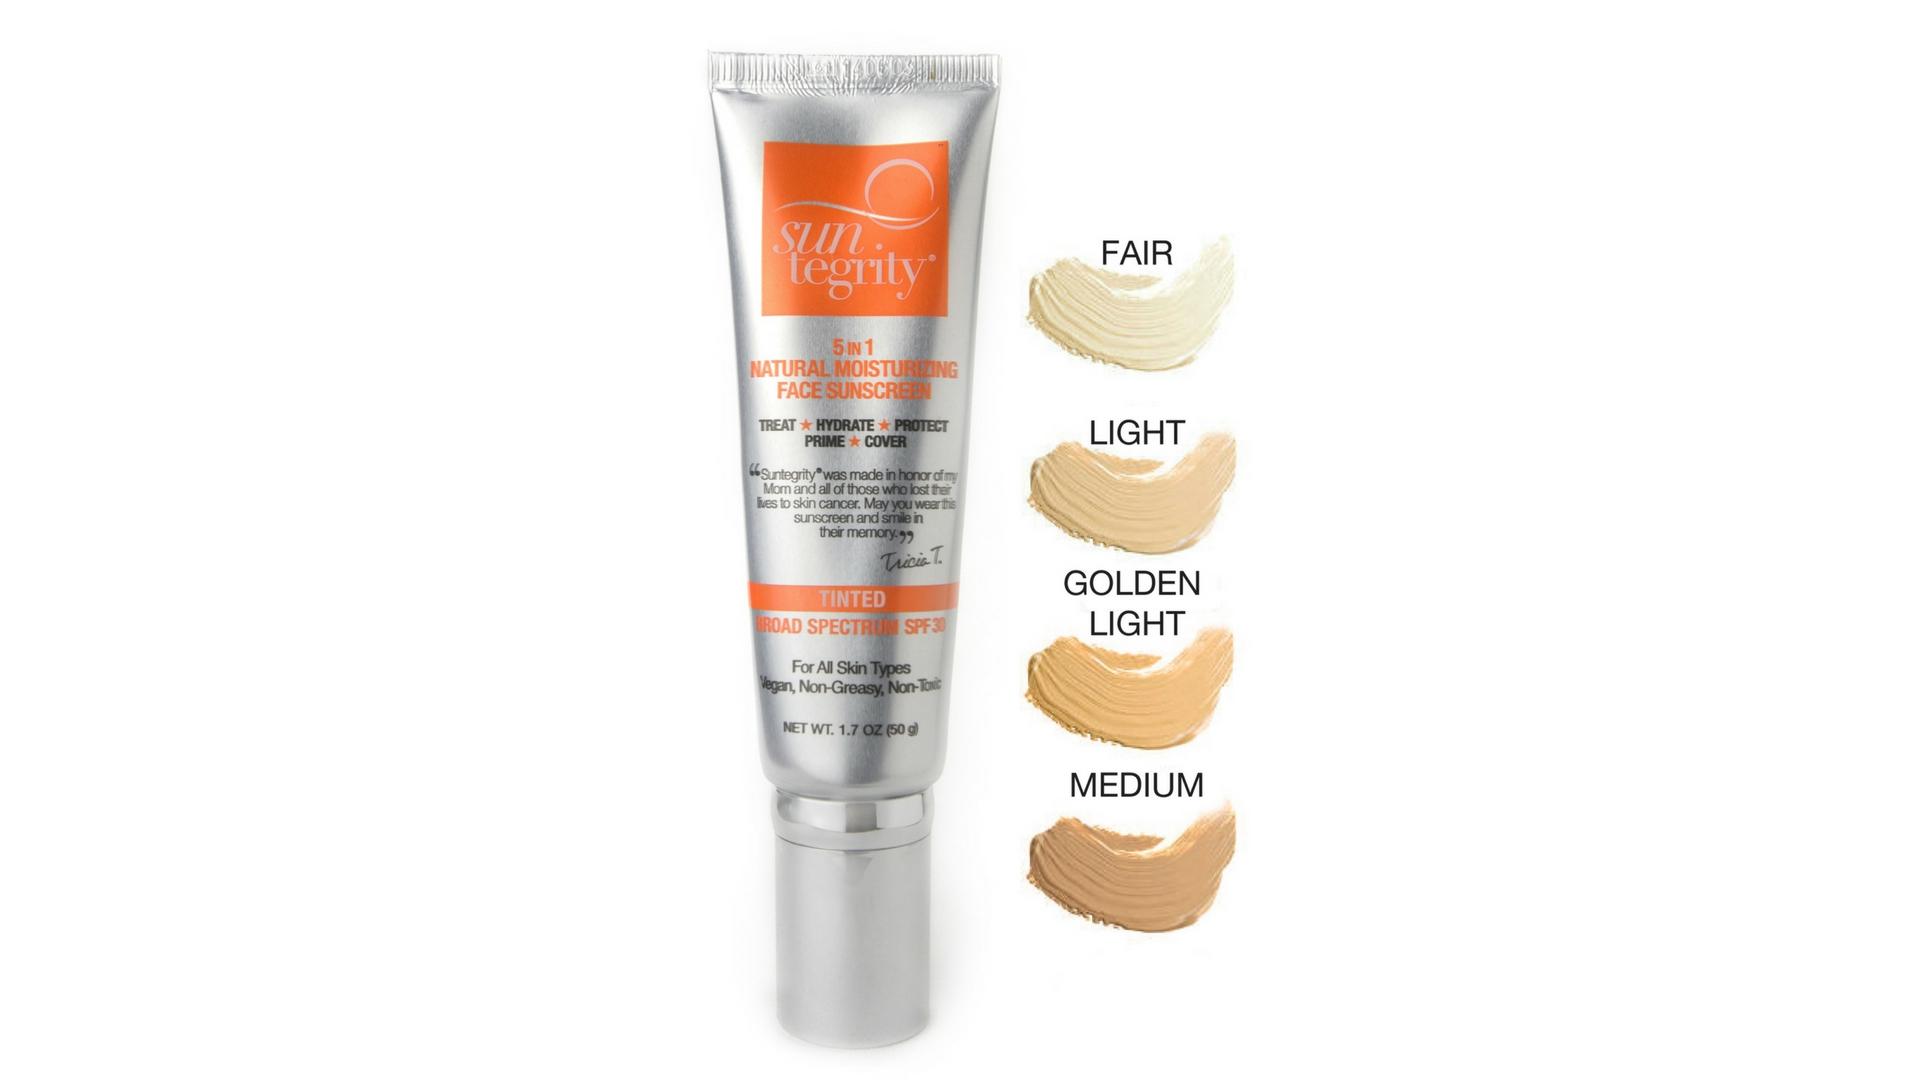 Suntegrity 5 in 1 Sunscreen